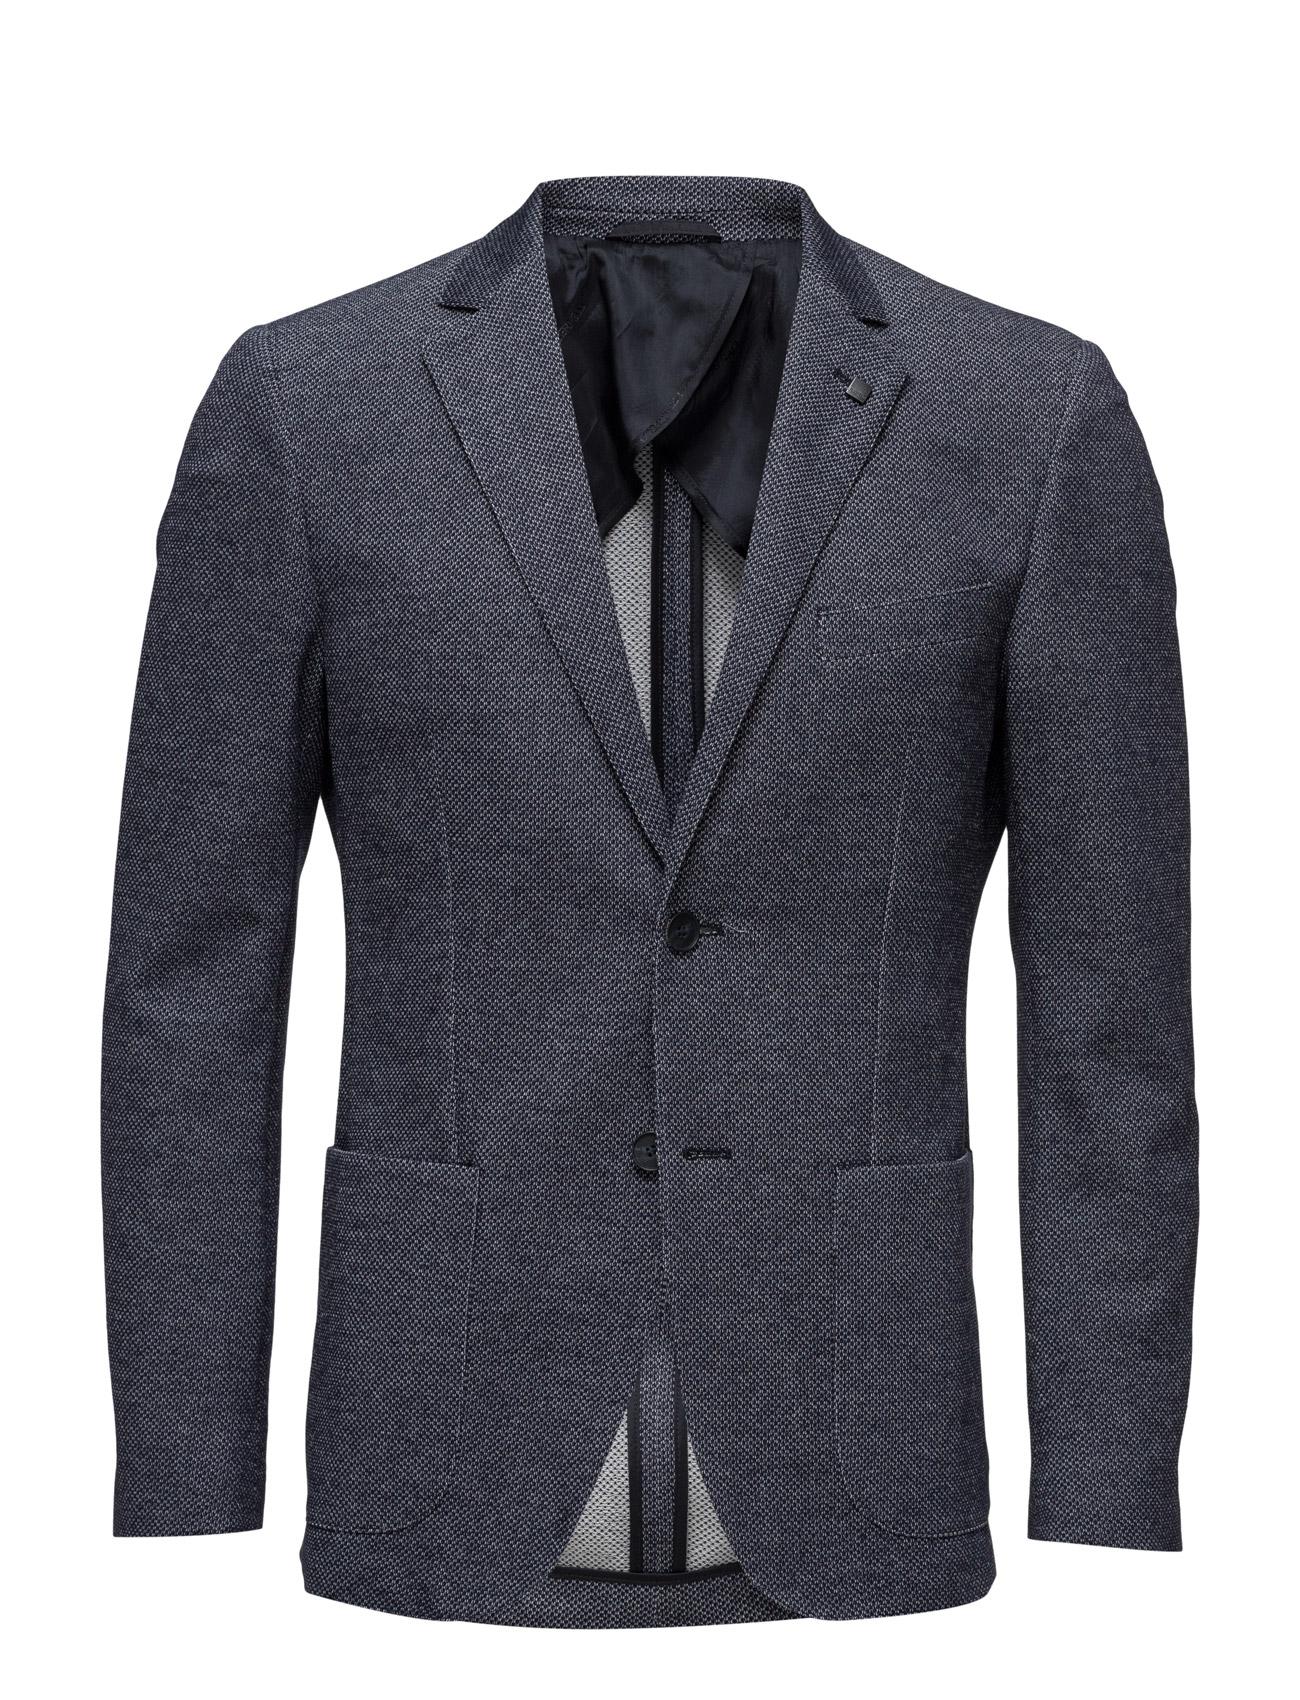 Jacket Smart Lagerfeld Jakkesæt & Blazee til Mænd i Navy blå